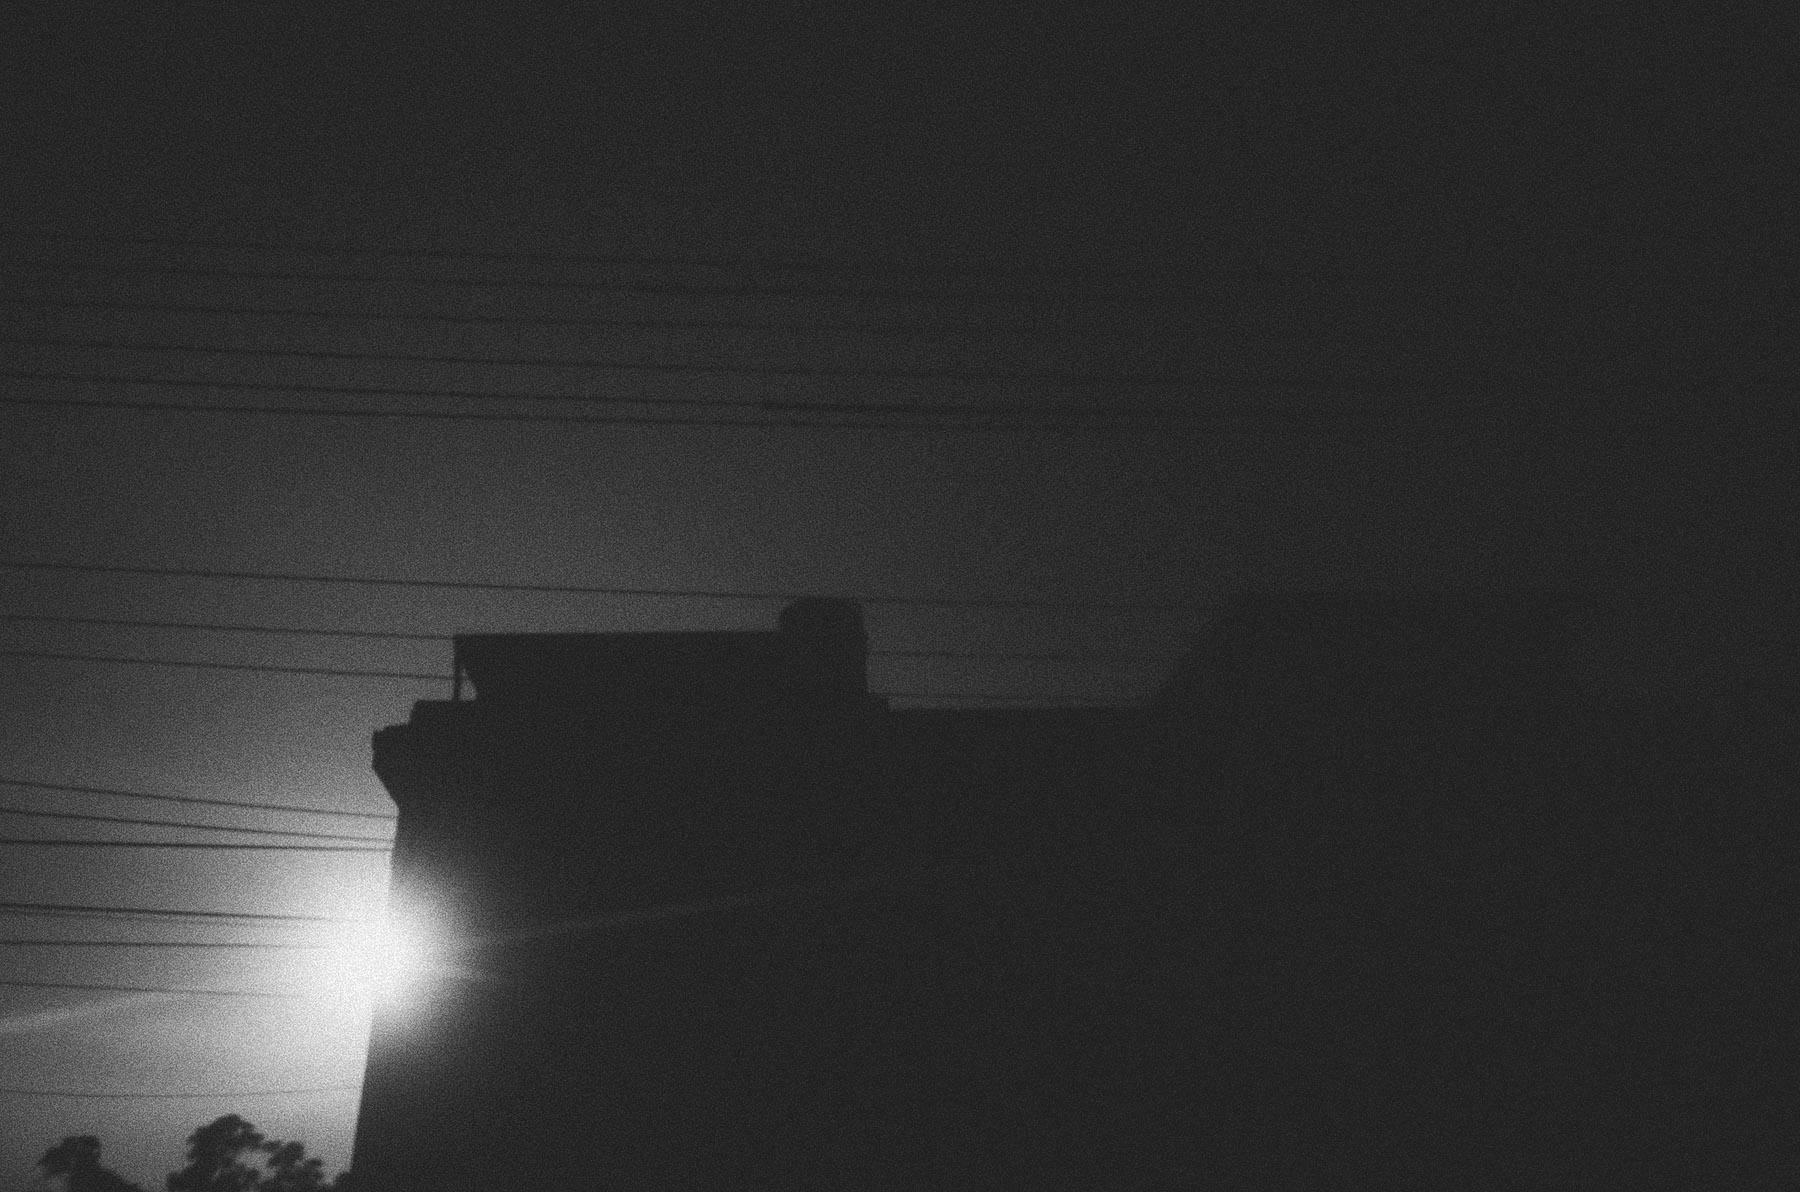 心象攝影-生活,gr,黑白,lomo,孤獨,情緒,底片,風格